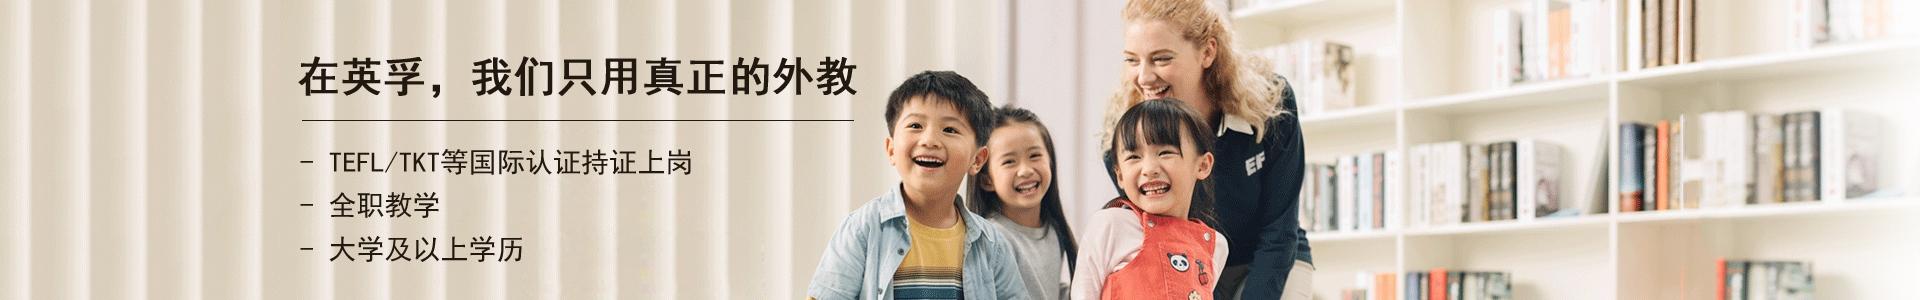 广州英孚少儿英语培训学校